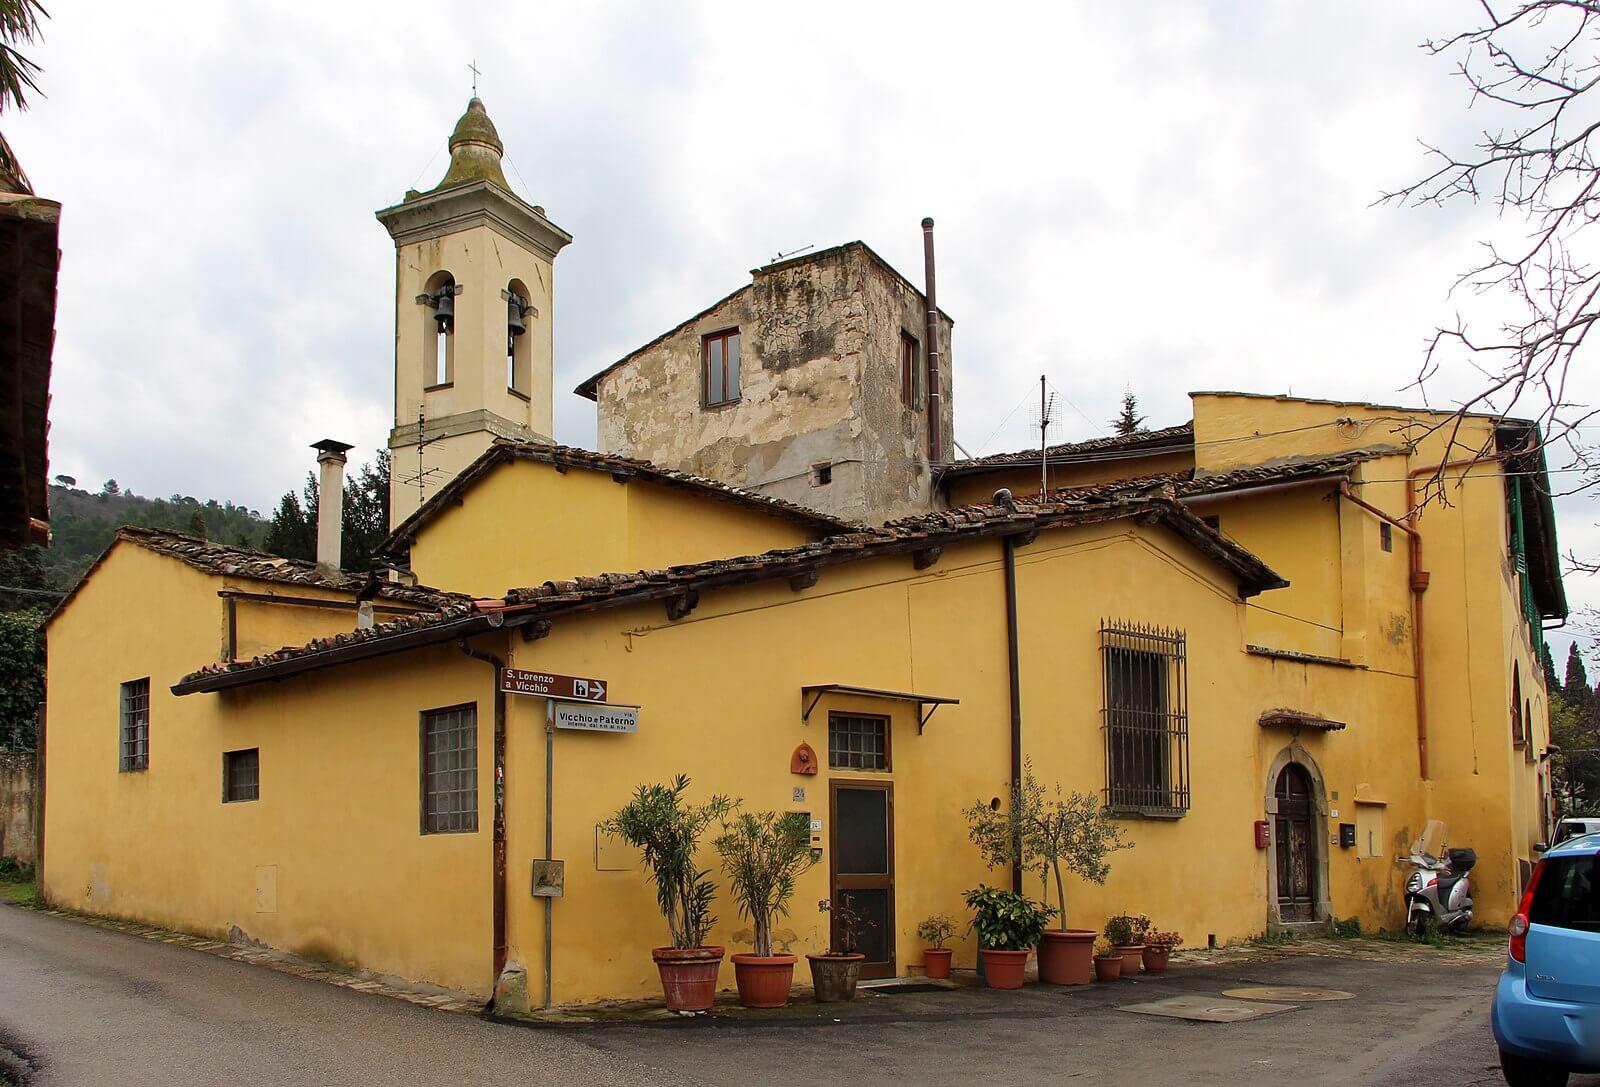 Case vacanze in affitto a Vicchio di Rimaggio